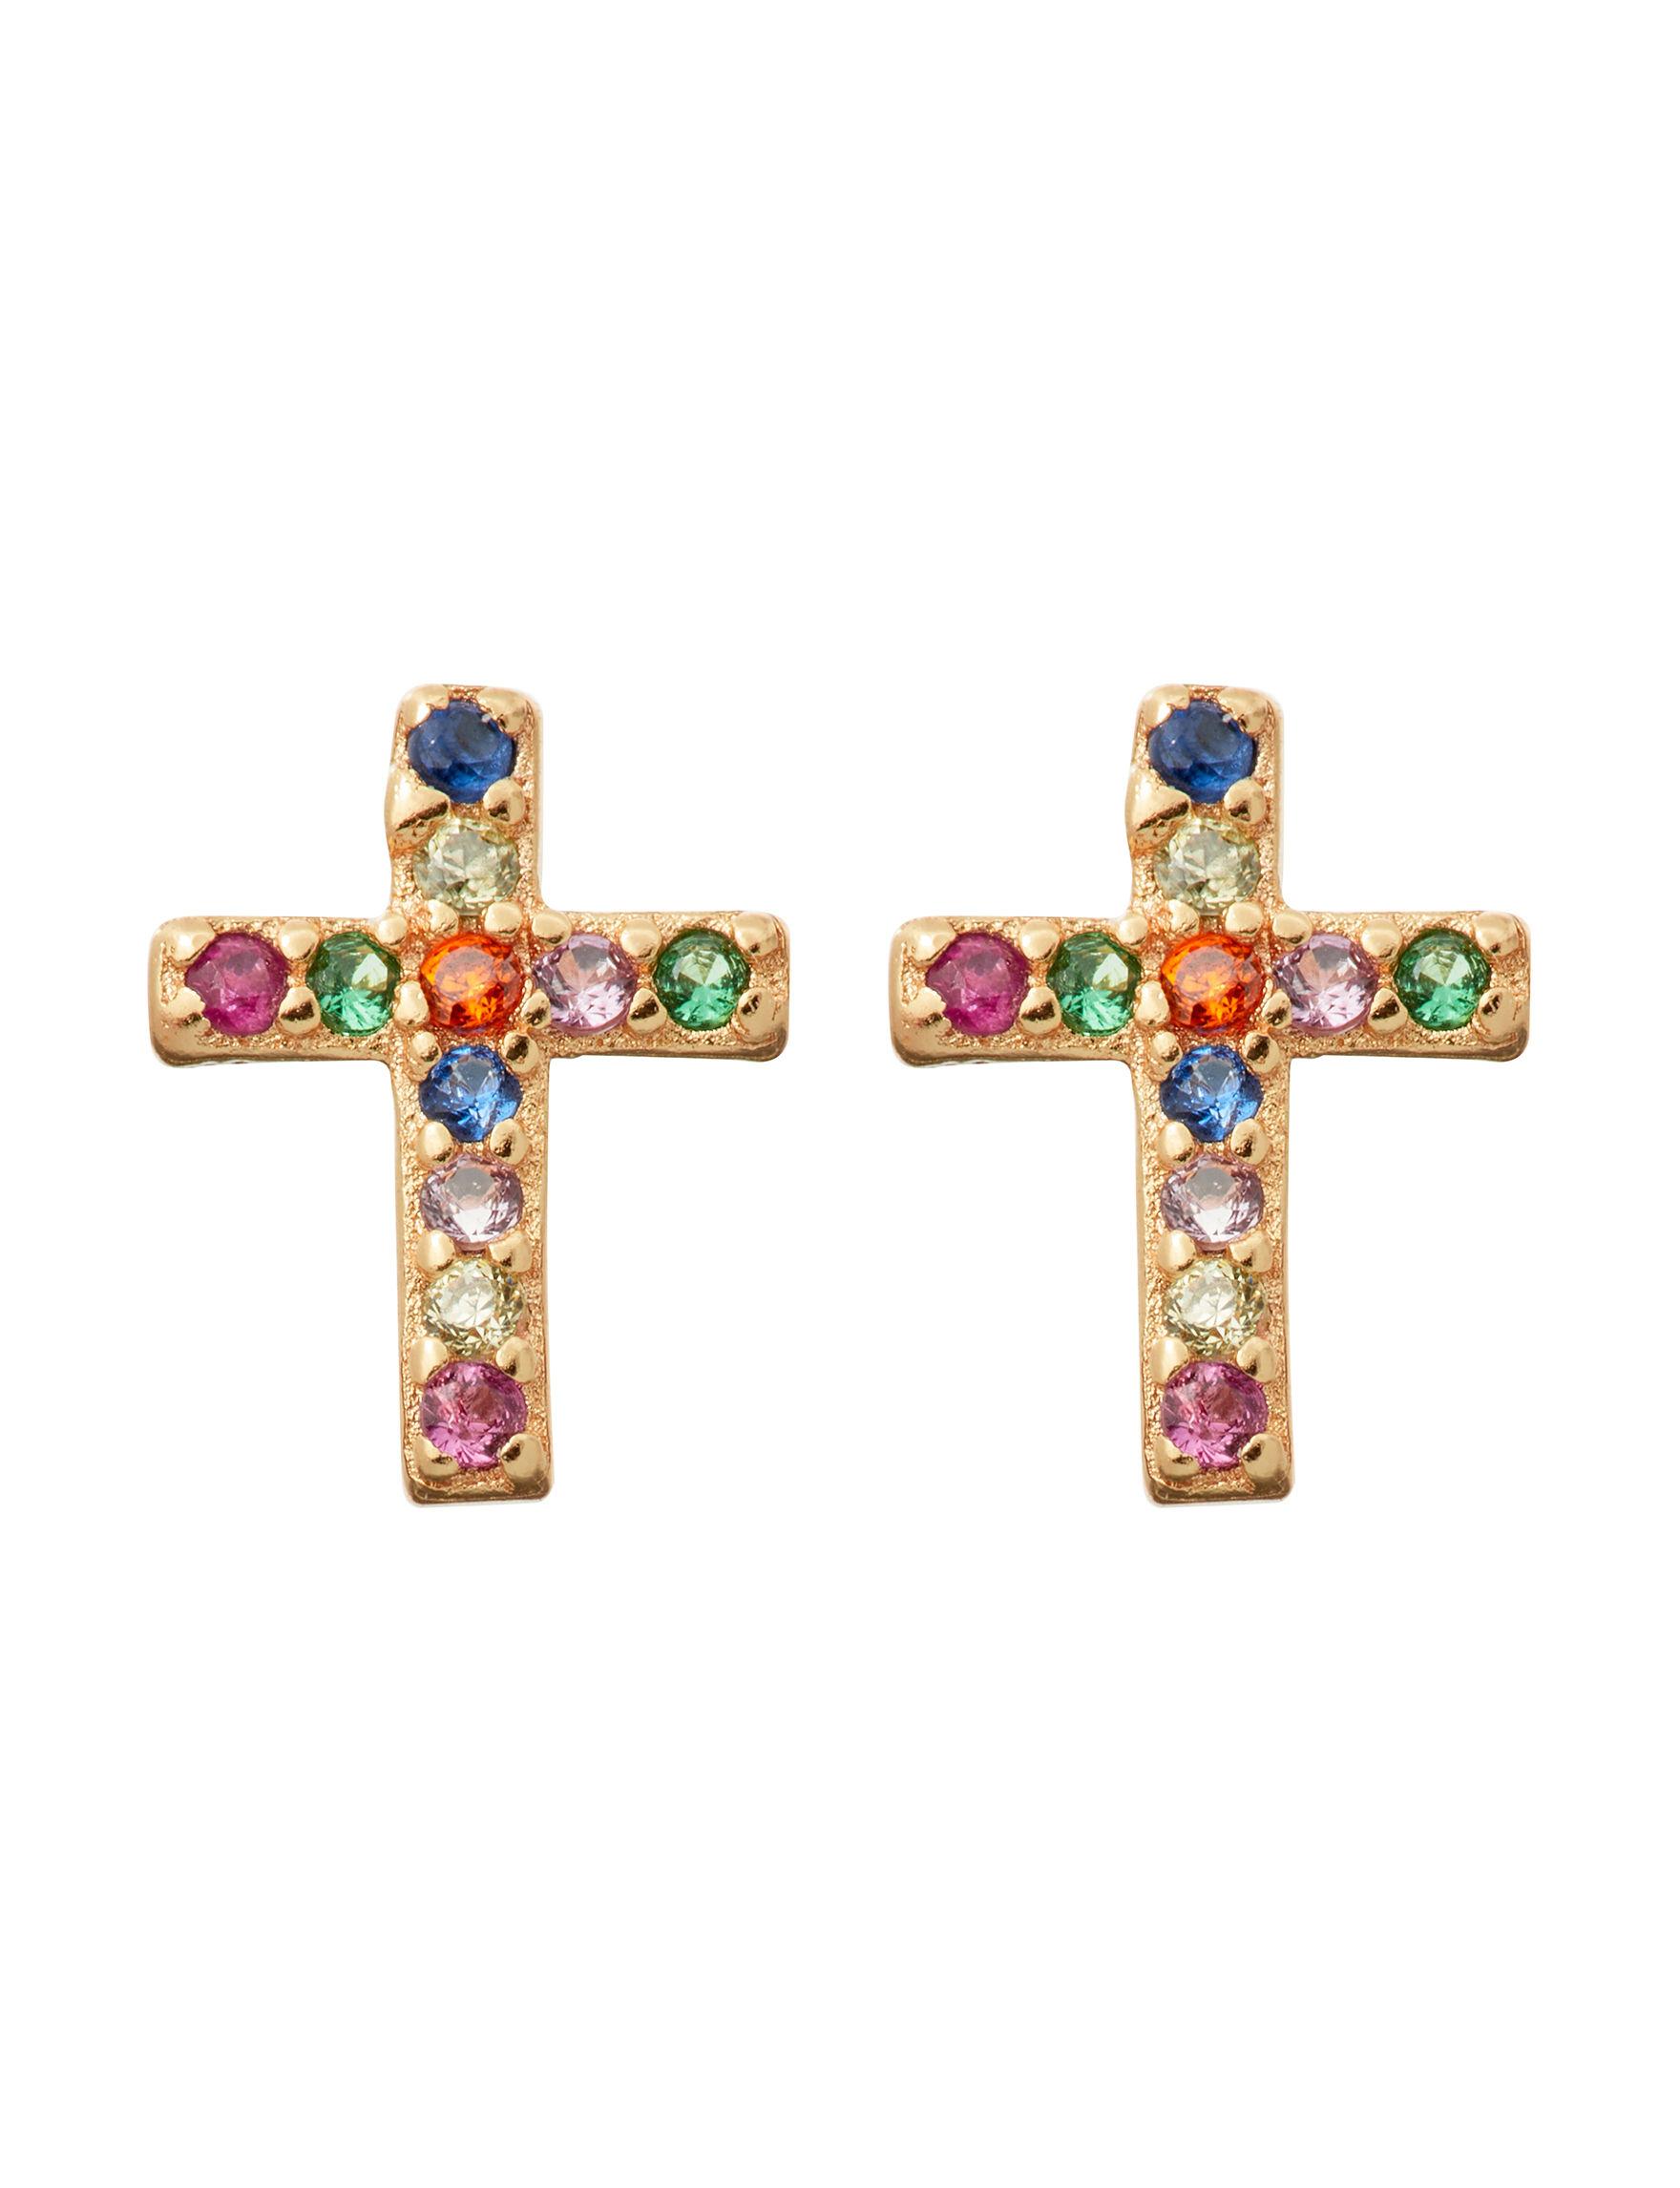 Marsala Gold / Multi Studs Earrings Fine Jewelry